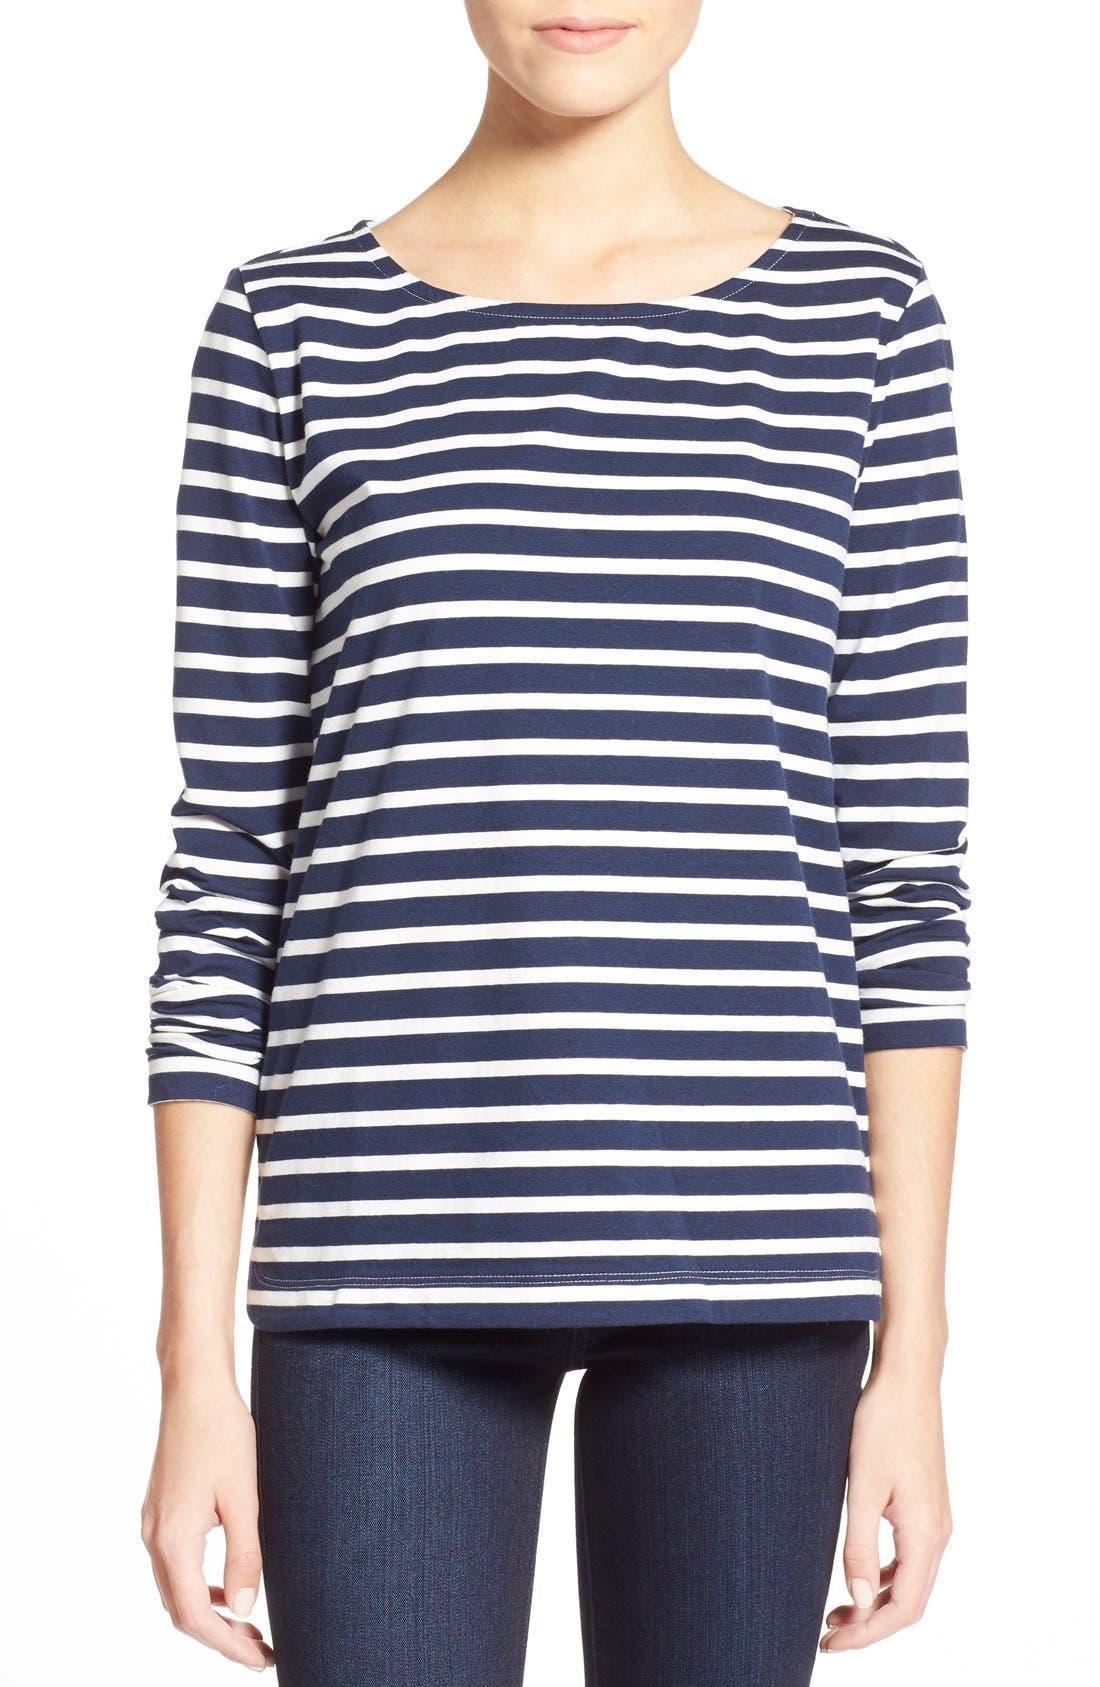 Alternate Image 1 Selected - Vineyard Vines Stripe Long Sleeve Knit Tee